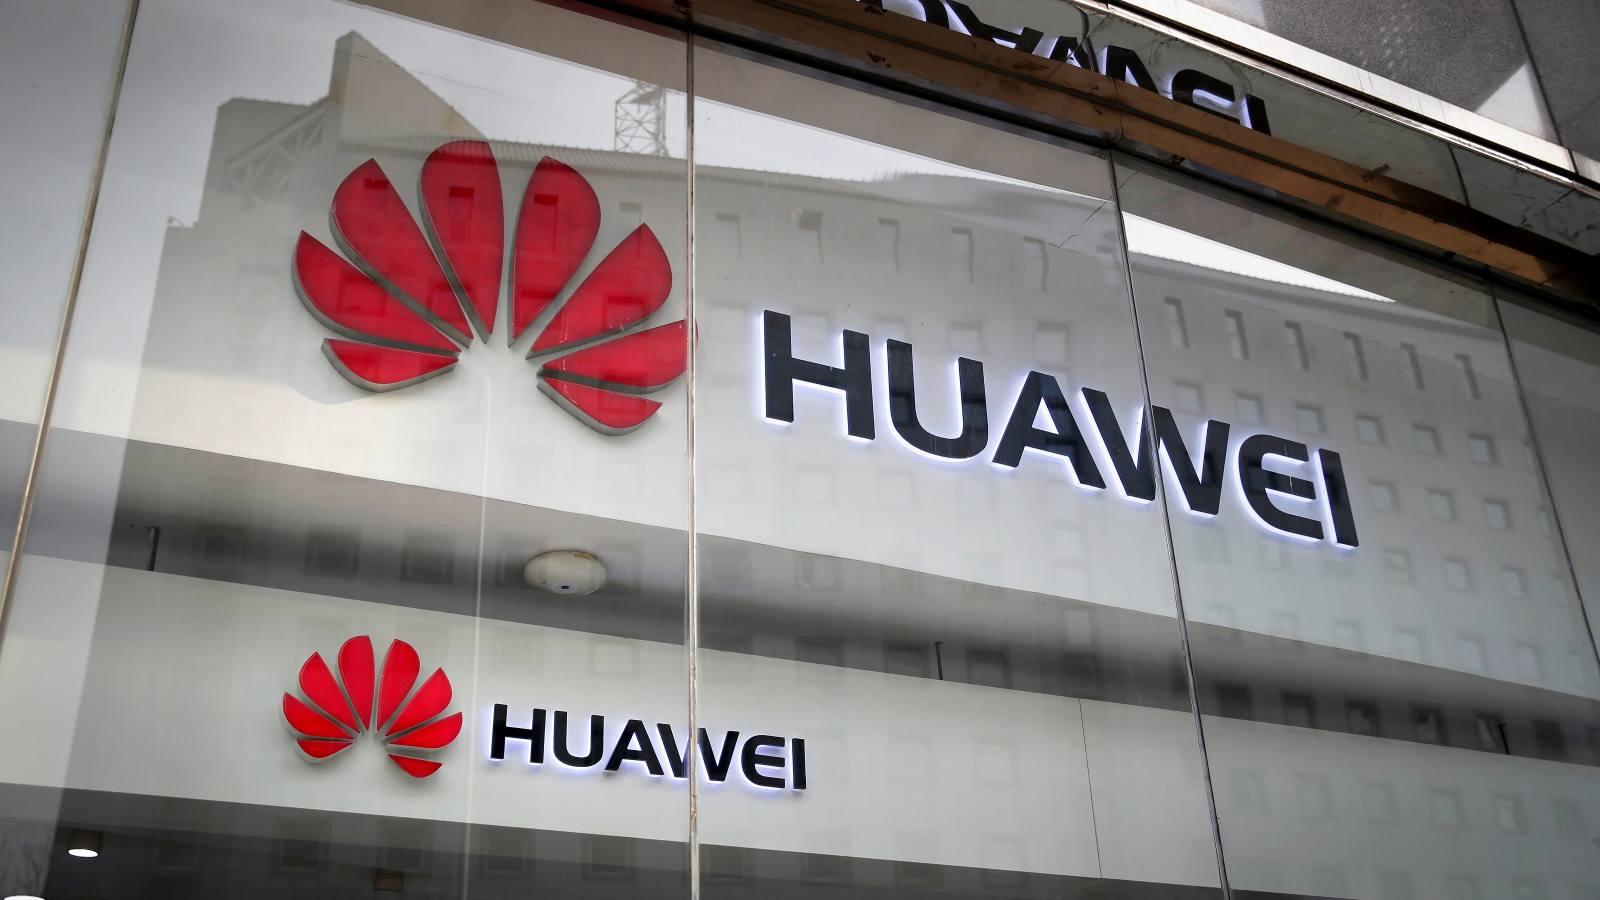 China's fingerprint chip king says trade war hampering